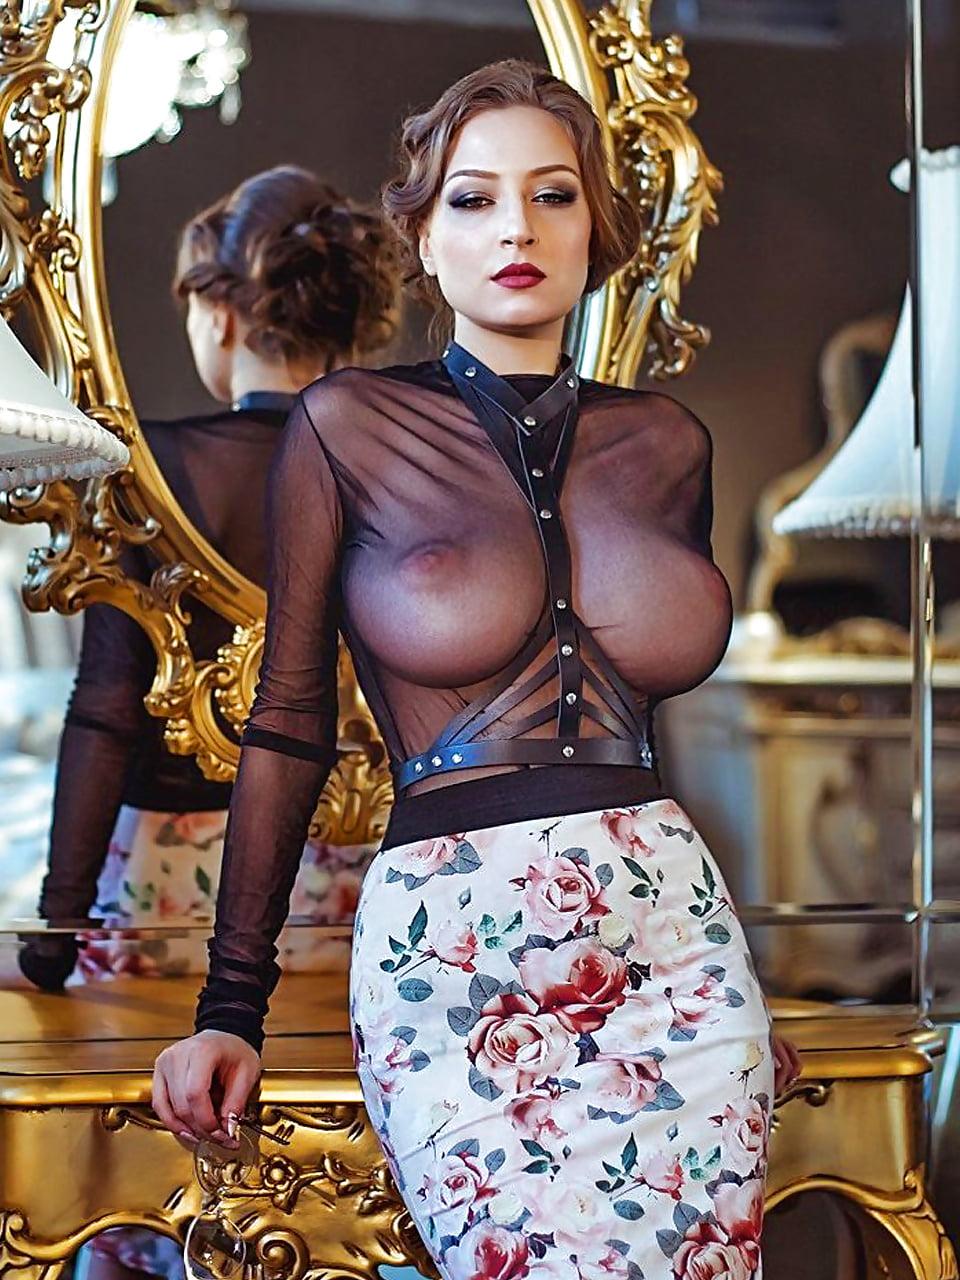 Девки с большими сиськами в прозрачной одежде глядел